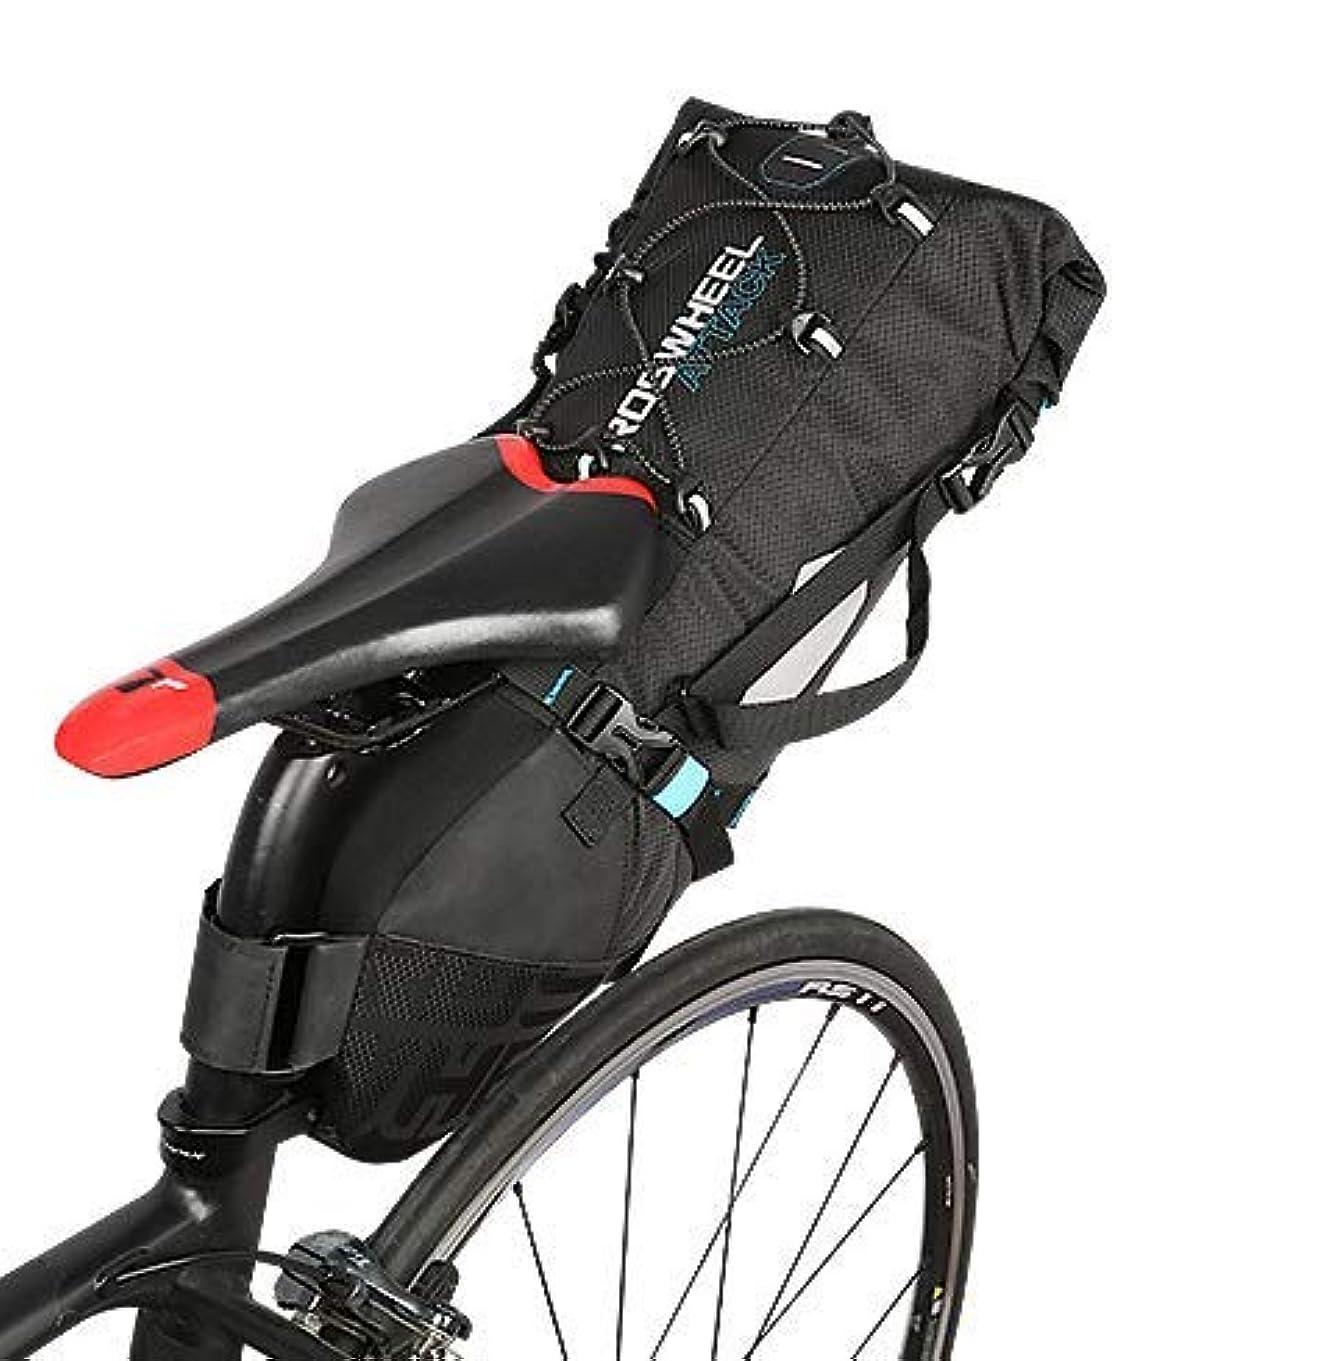 記憶に残る容器くびれたフェリモア 自転車 サドルバッグ 大容量 防水 シート リア バッグ 防塵 軽量 反射 ボックス